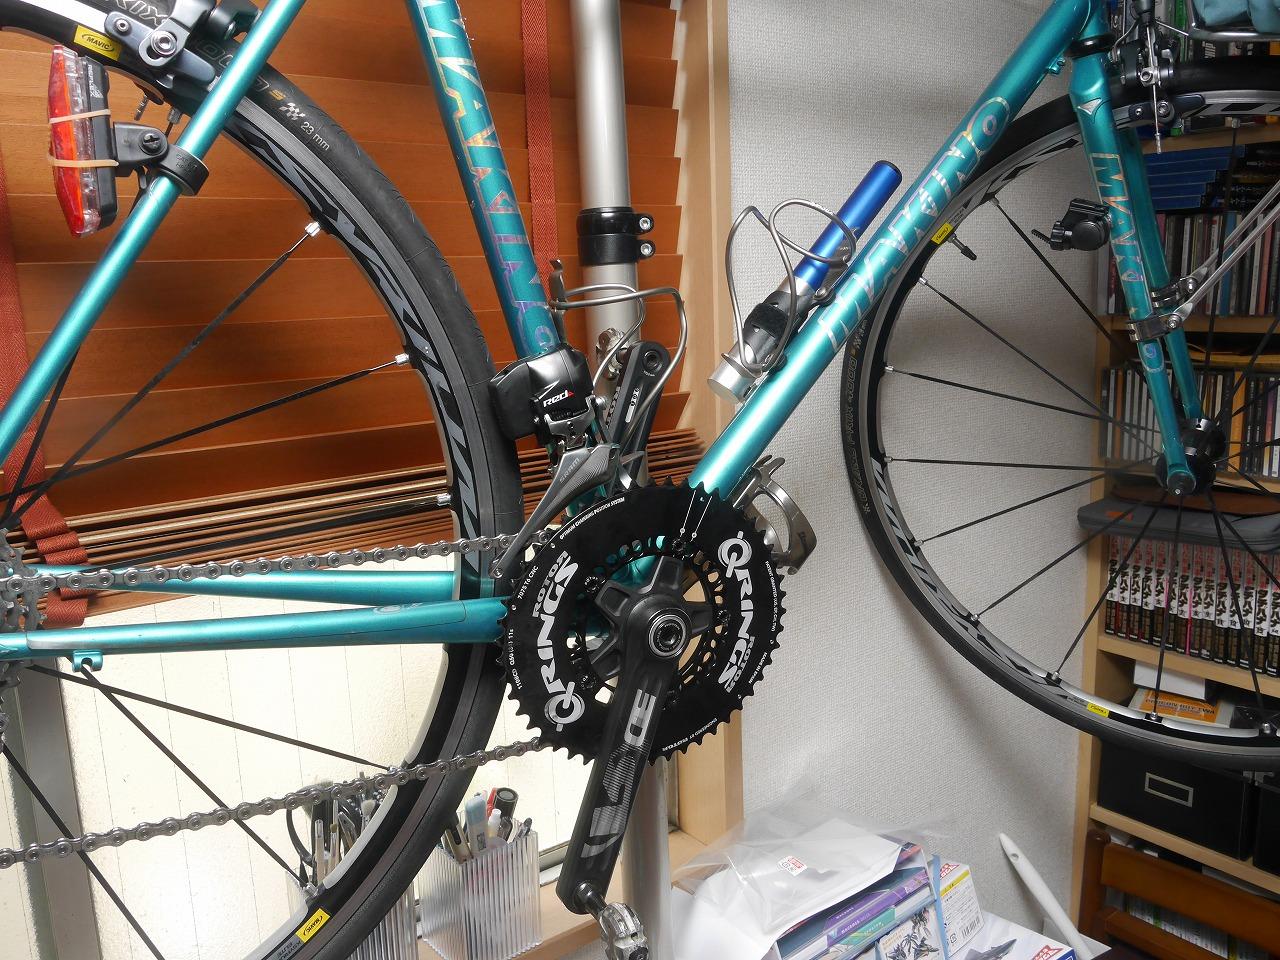 ROTORの30mm軸のクランクをBSA規格のバイクに取りつける